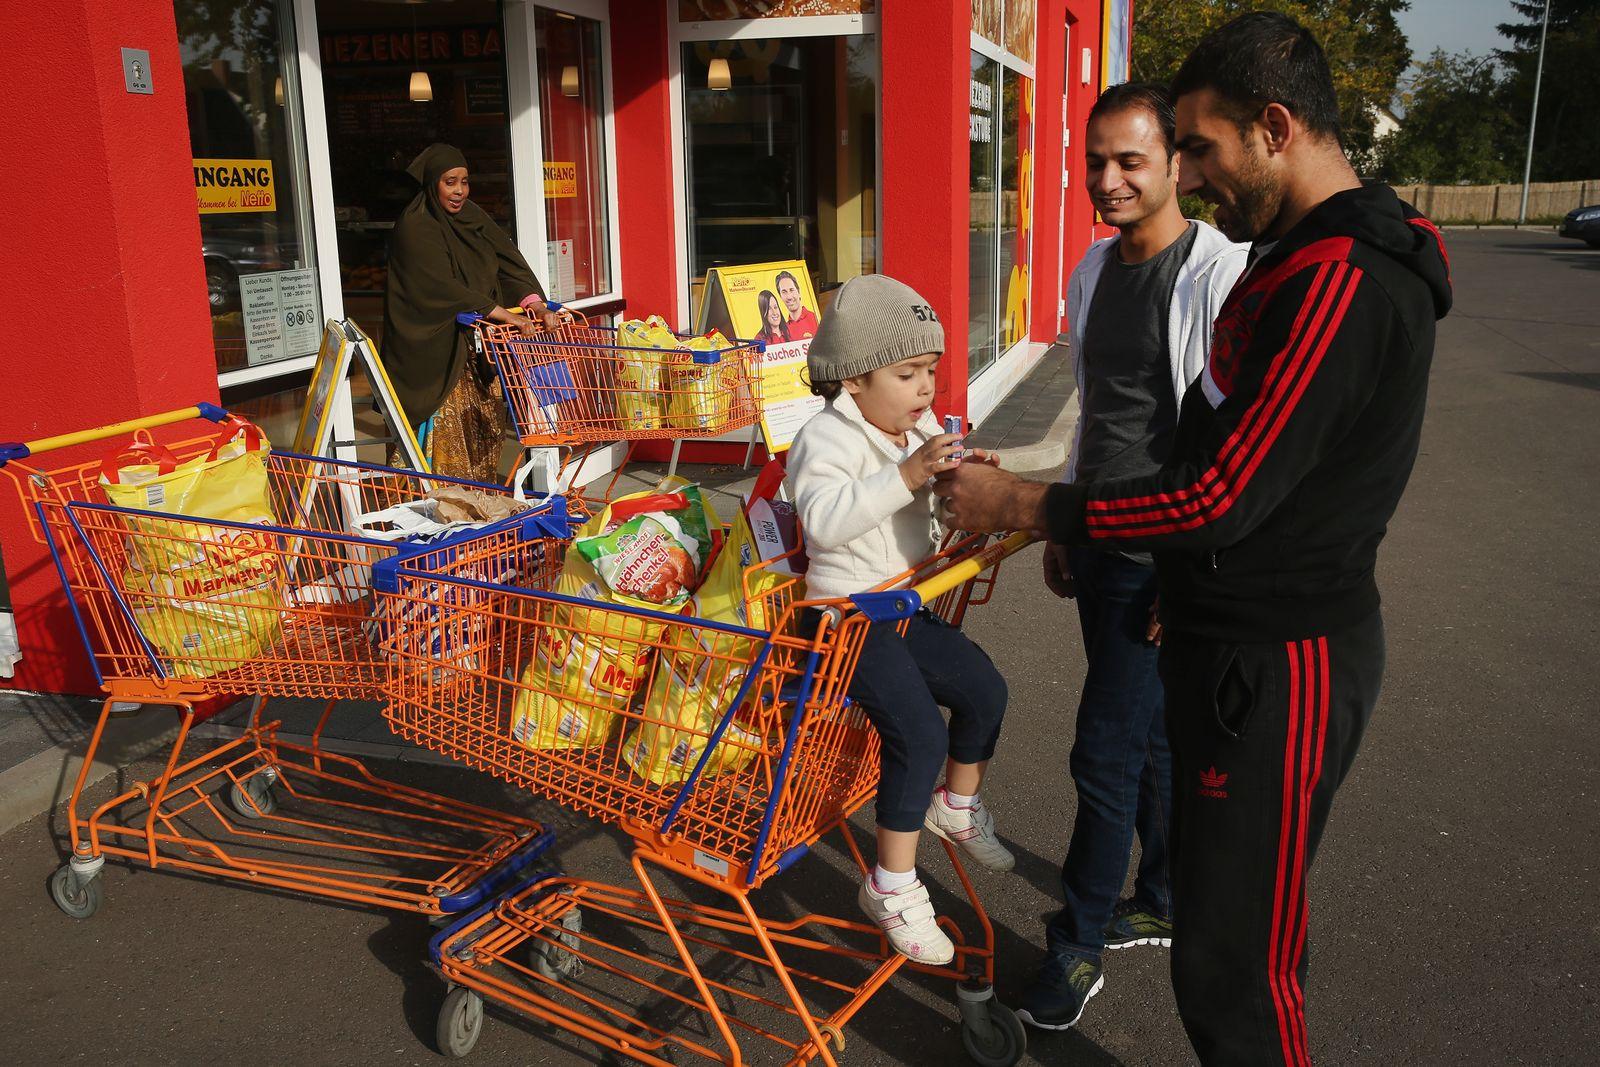 Flüchtlinge / Einkaufen / Lebensmittel